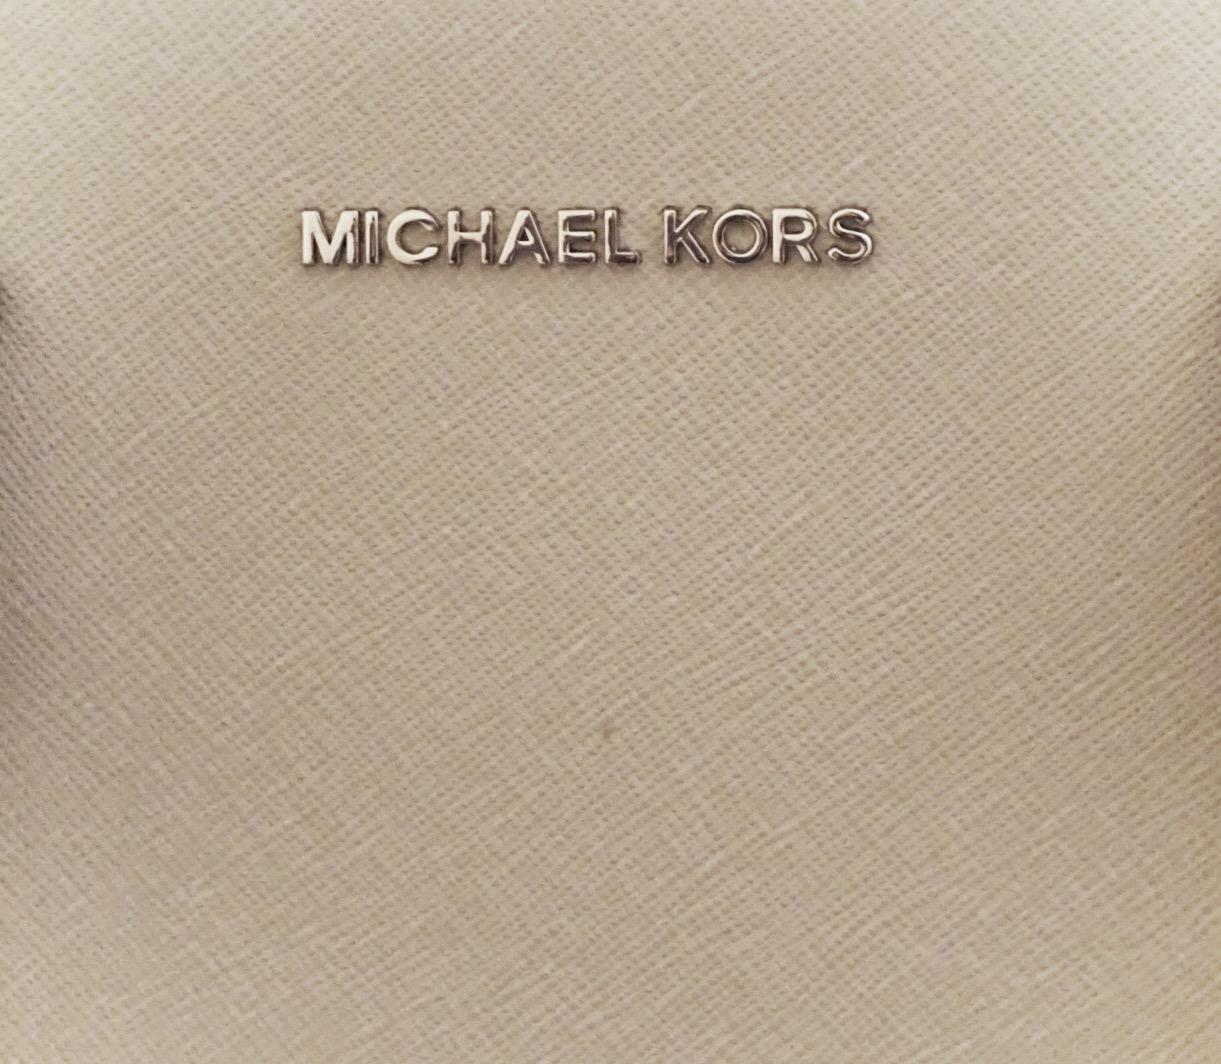 Michael Kors Large Savannah Logo.JPG